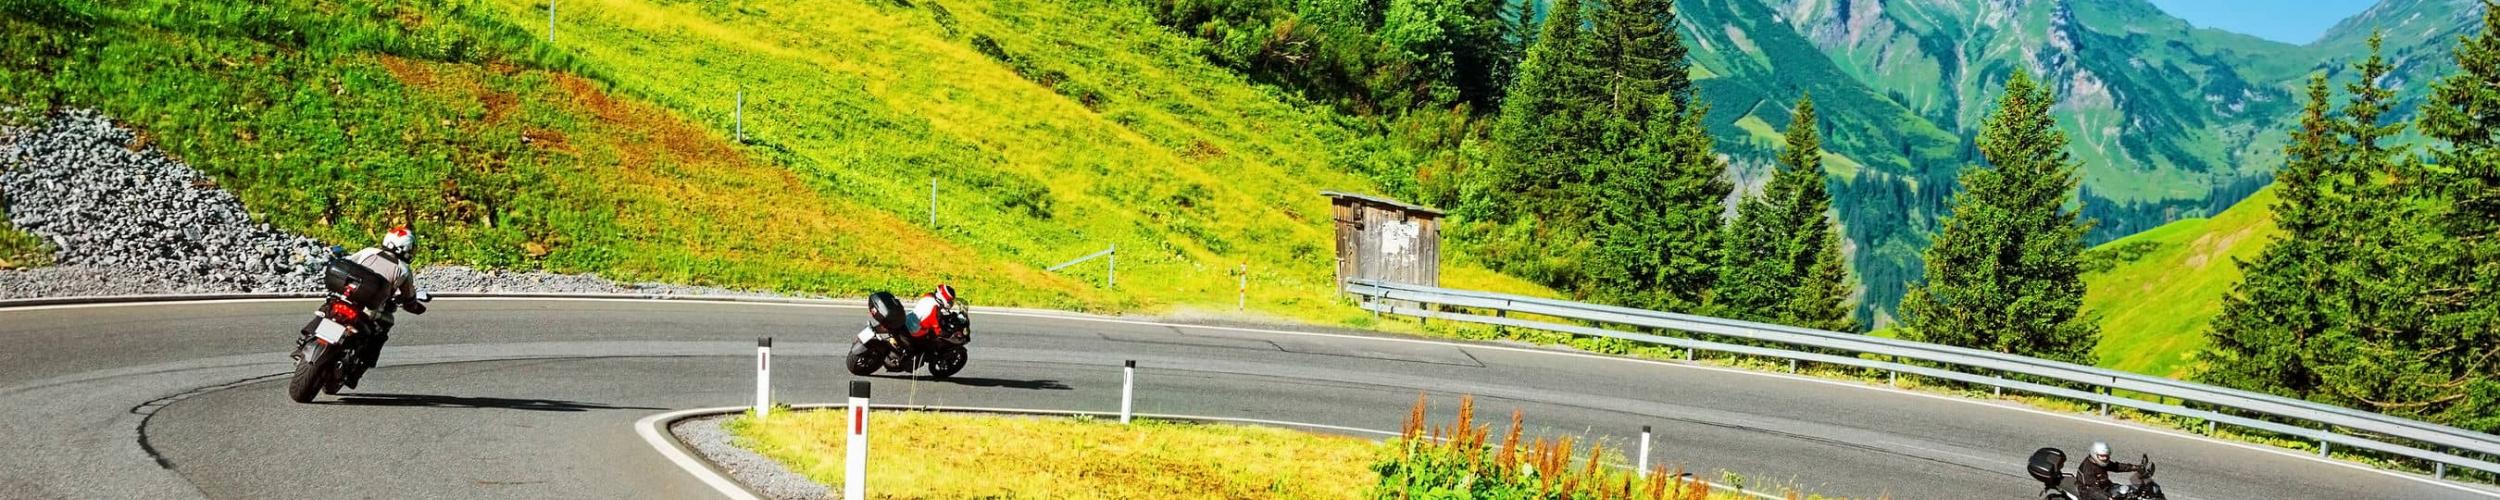 Motorvakantie Zwitserse Passen – Alpenbrevet   Motorreis Zwitserland